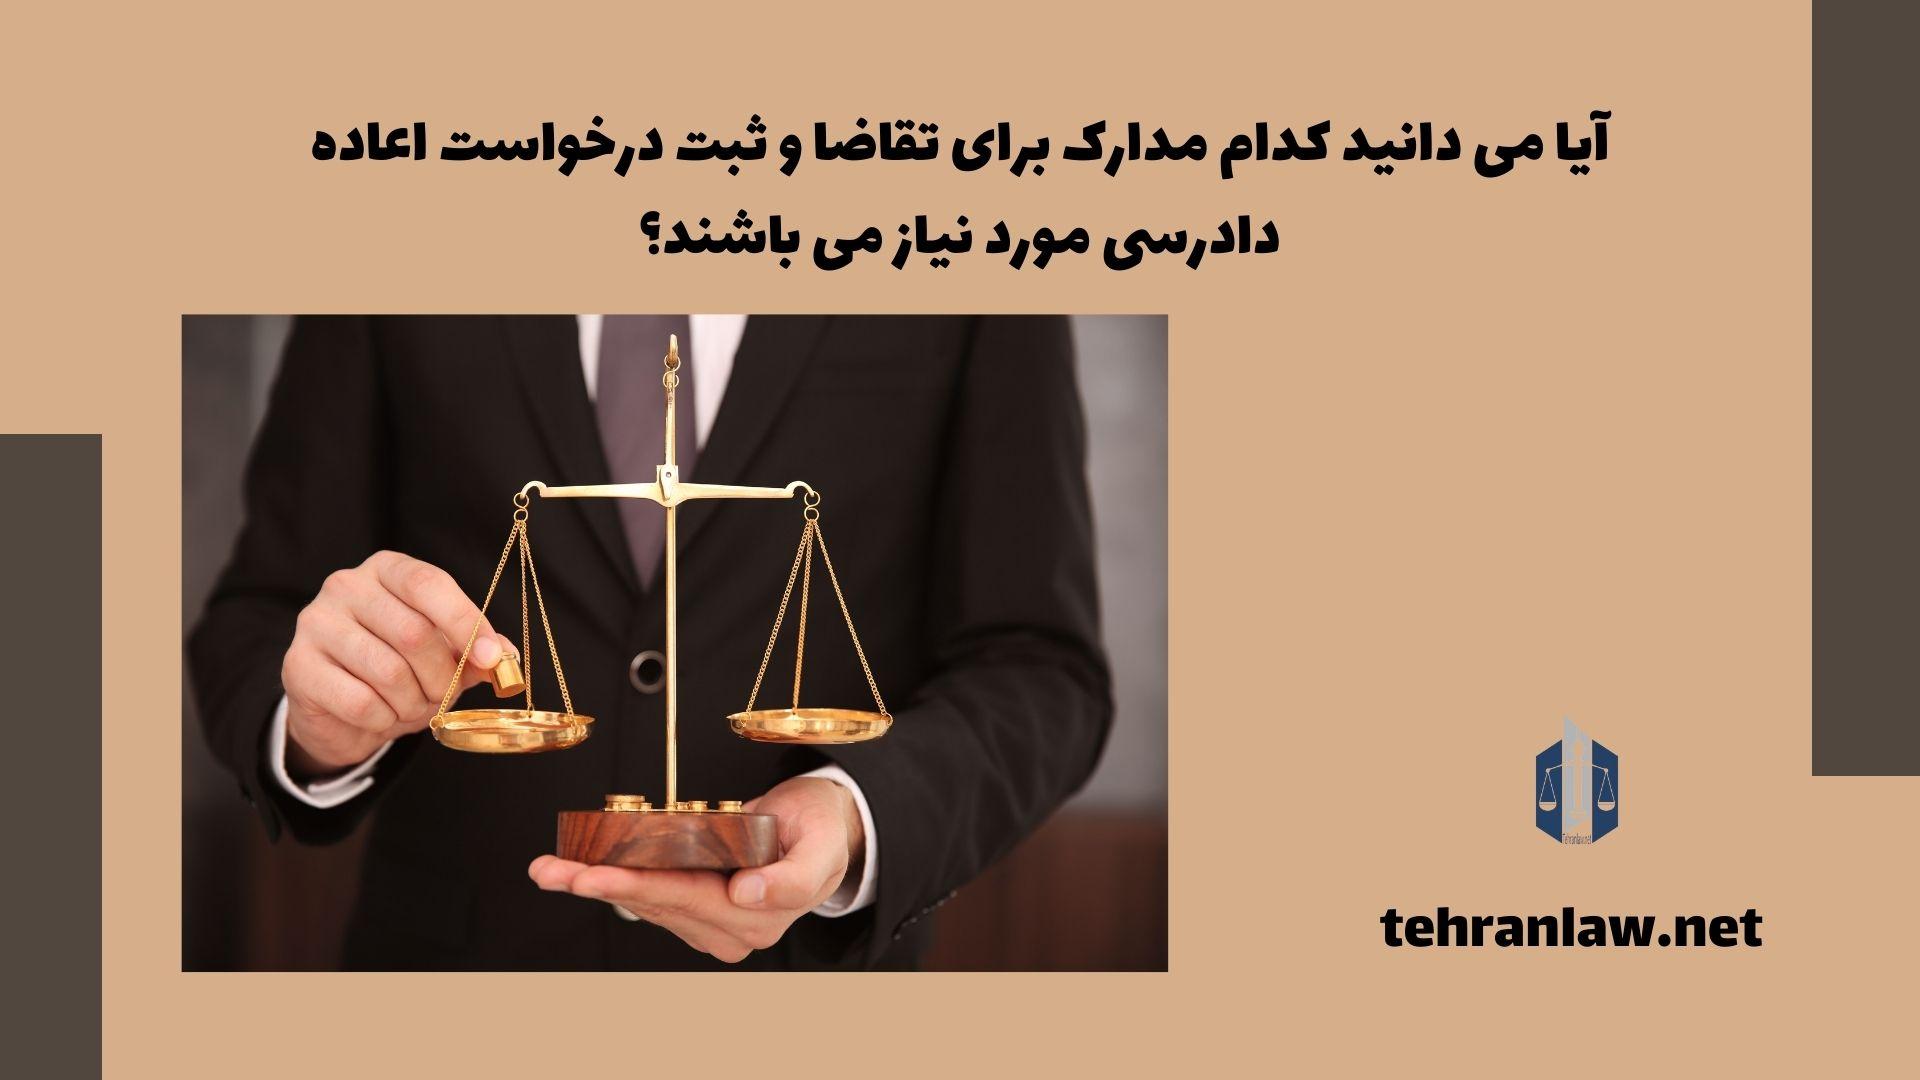 آیا می دانید که کدام مدارک برای تقاضا و ثبت درخواست اعاده دادرسی مورد نیاز می باشند؟